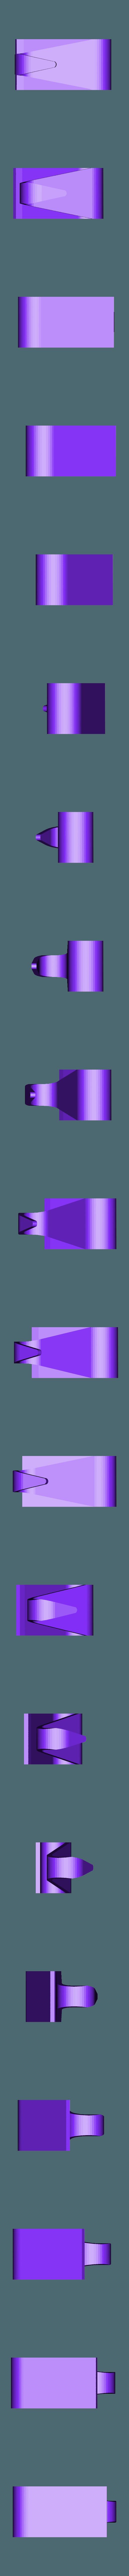 hook_v3.stl Download free STL file Adhesive hook • Template to 3D print, vsky279